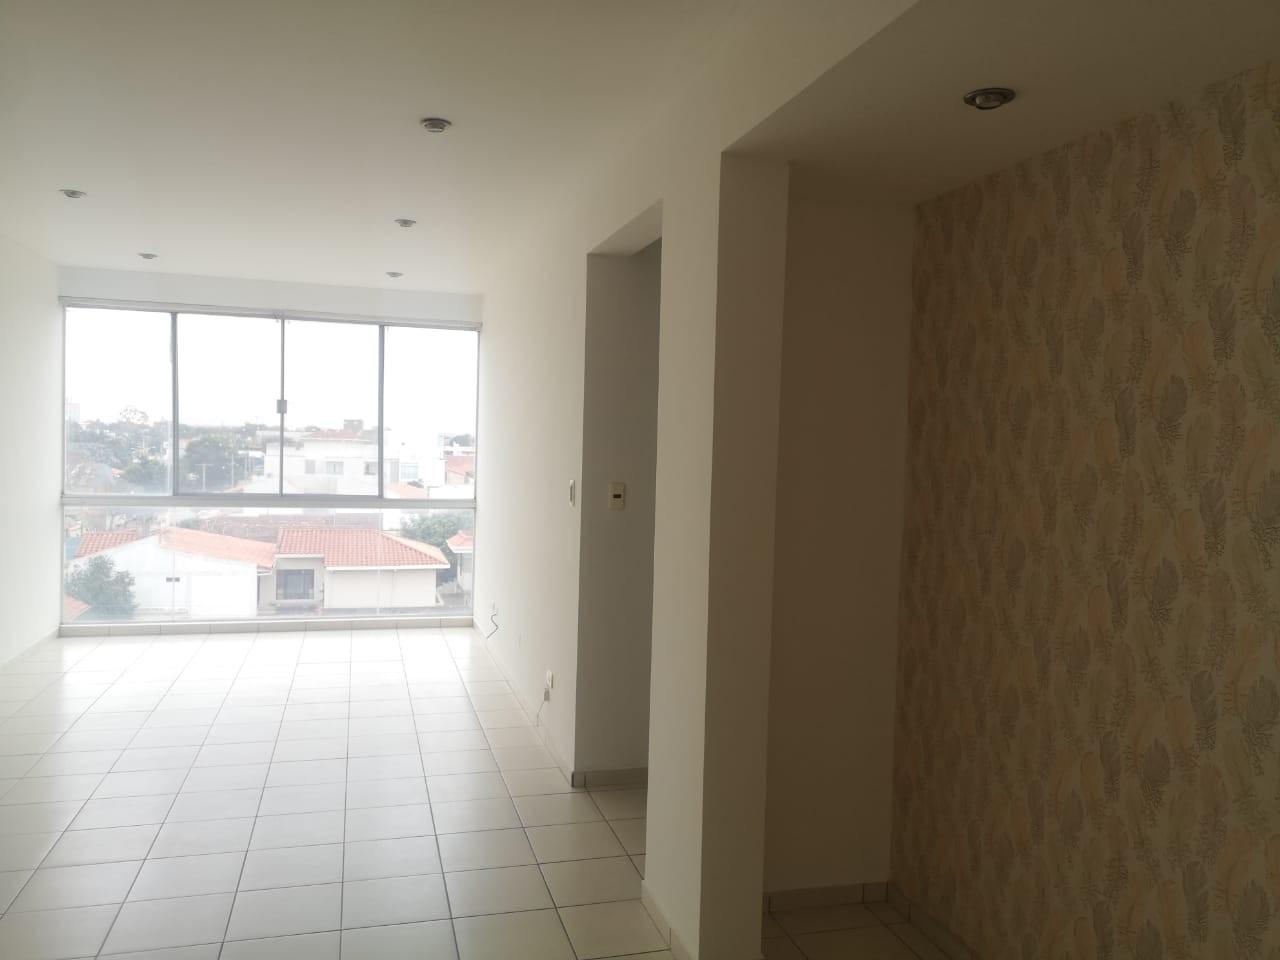 Departamento en Venta PLAN 12 DE HAMACAS, CONDOMINIO SAN GABRIEL Foto 3